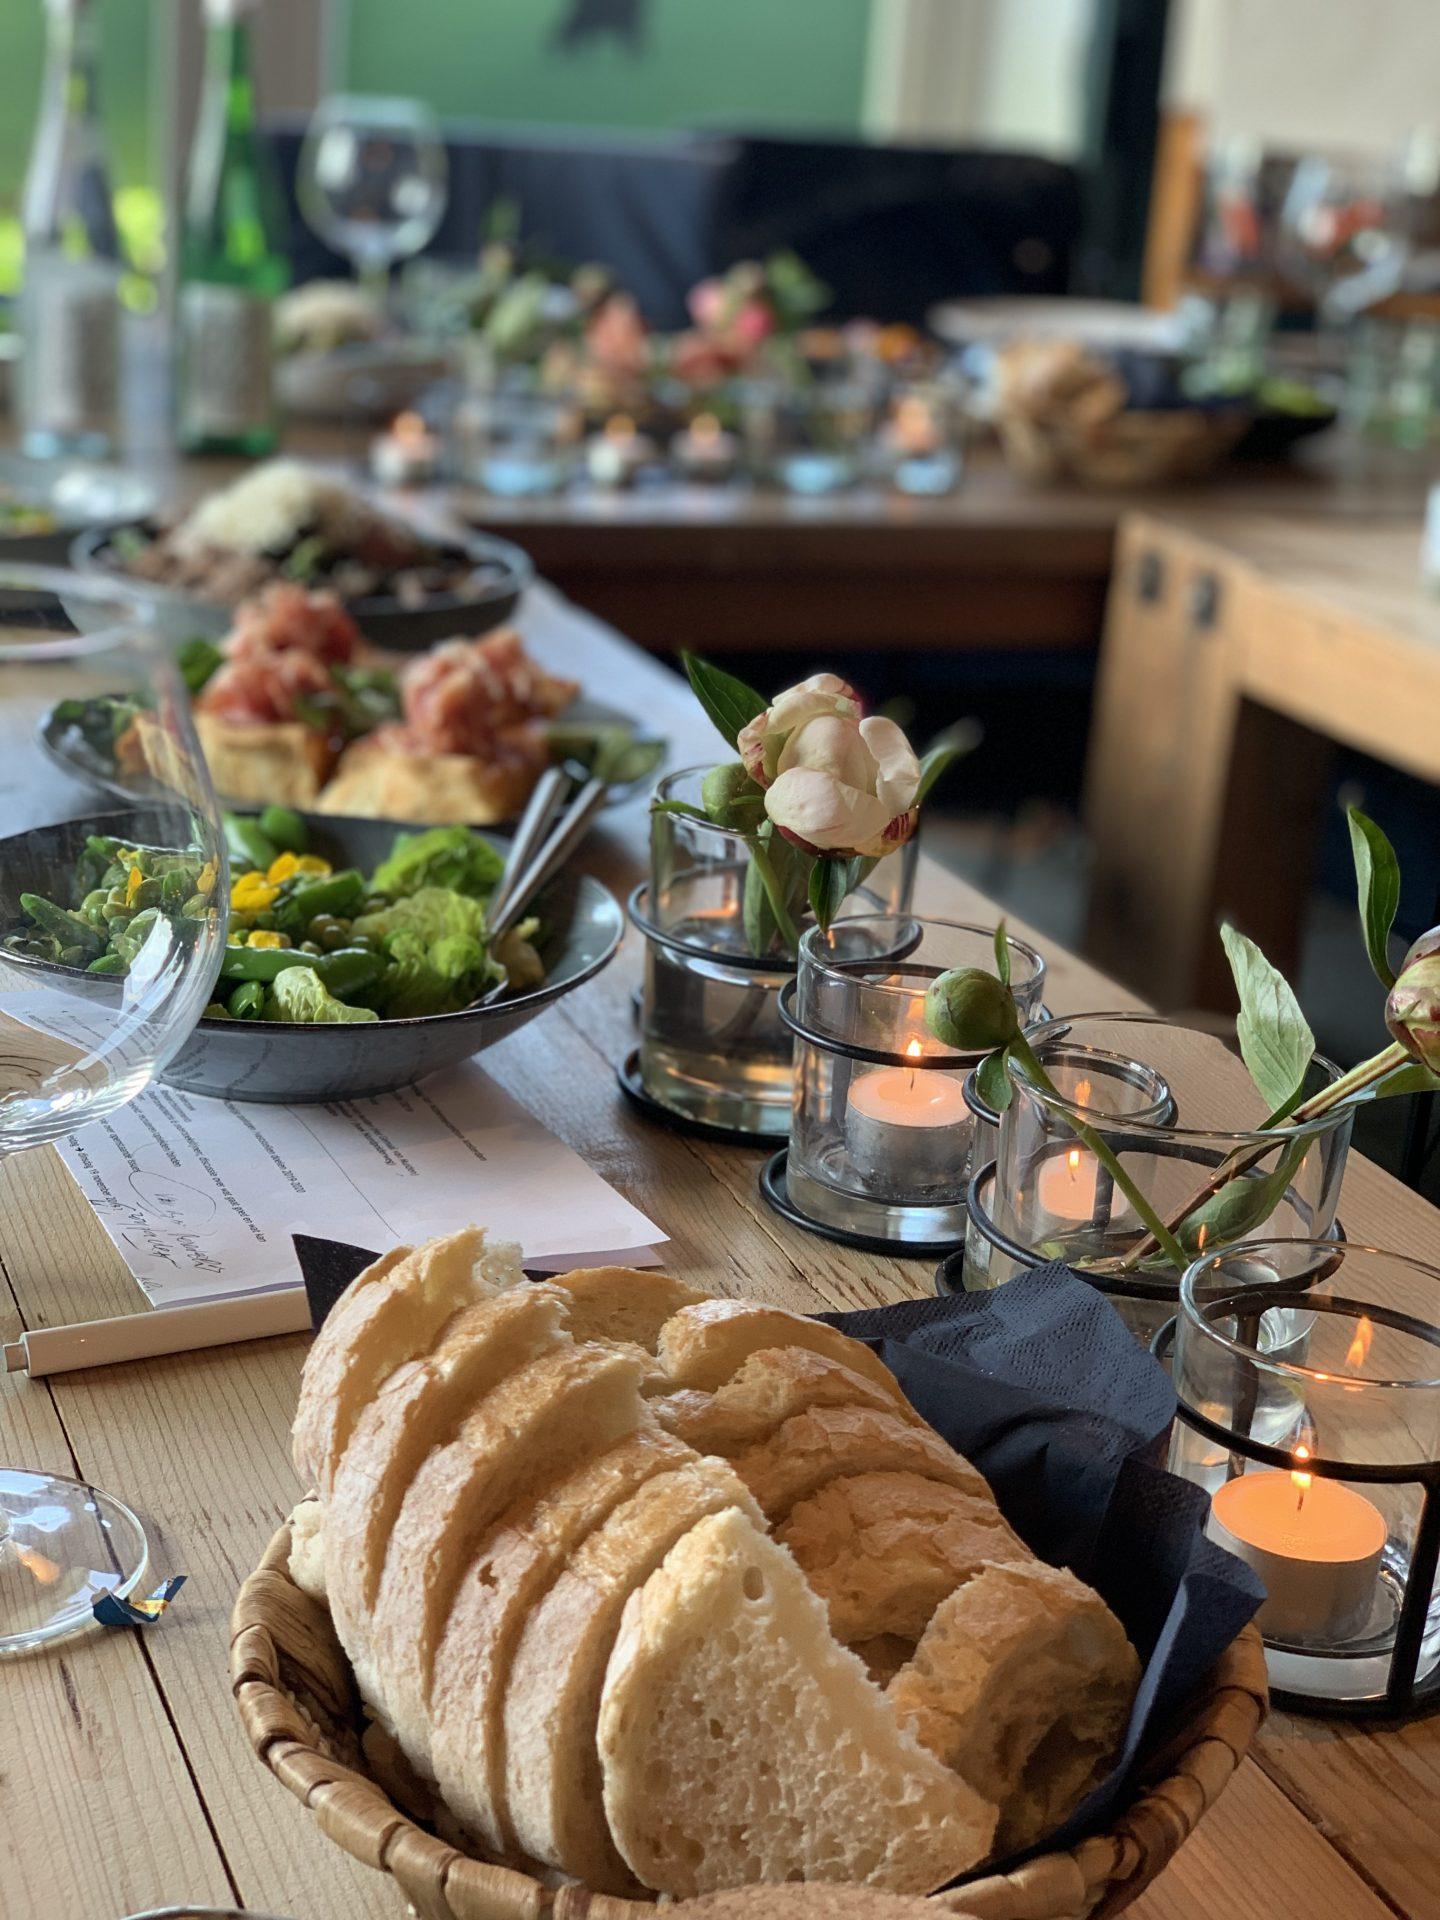 Evenementen van a tot z verzorgd, inclusief diner